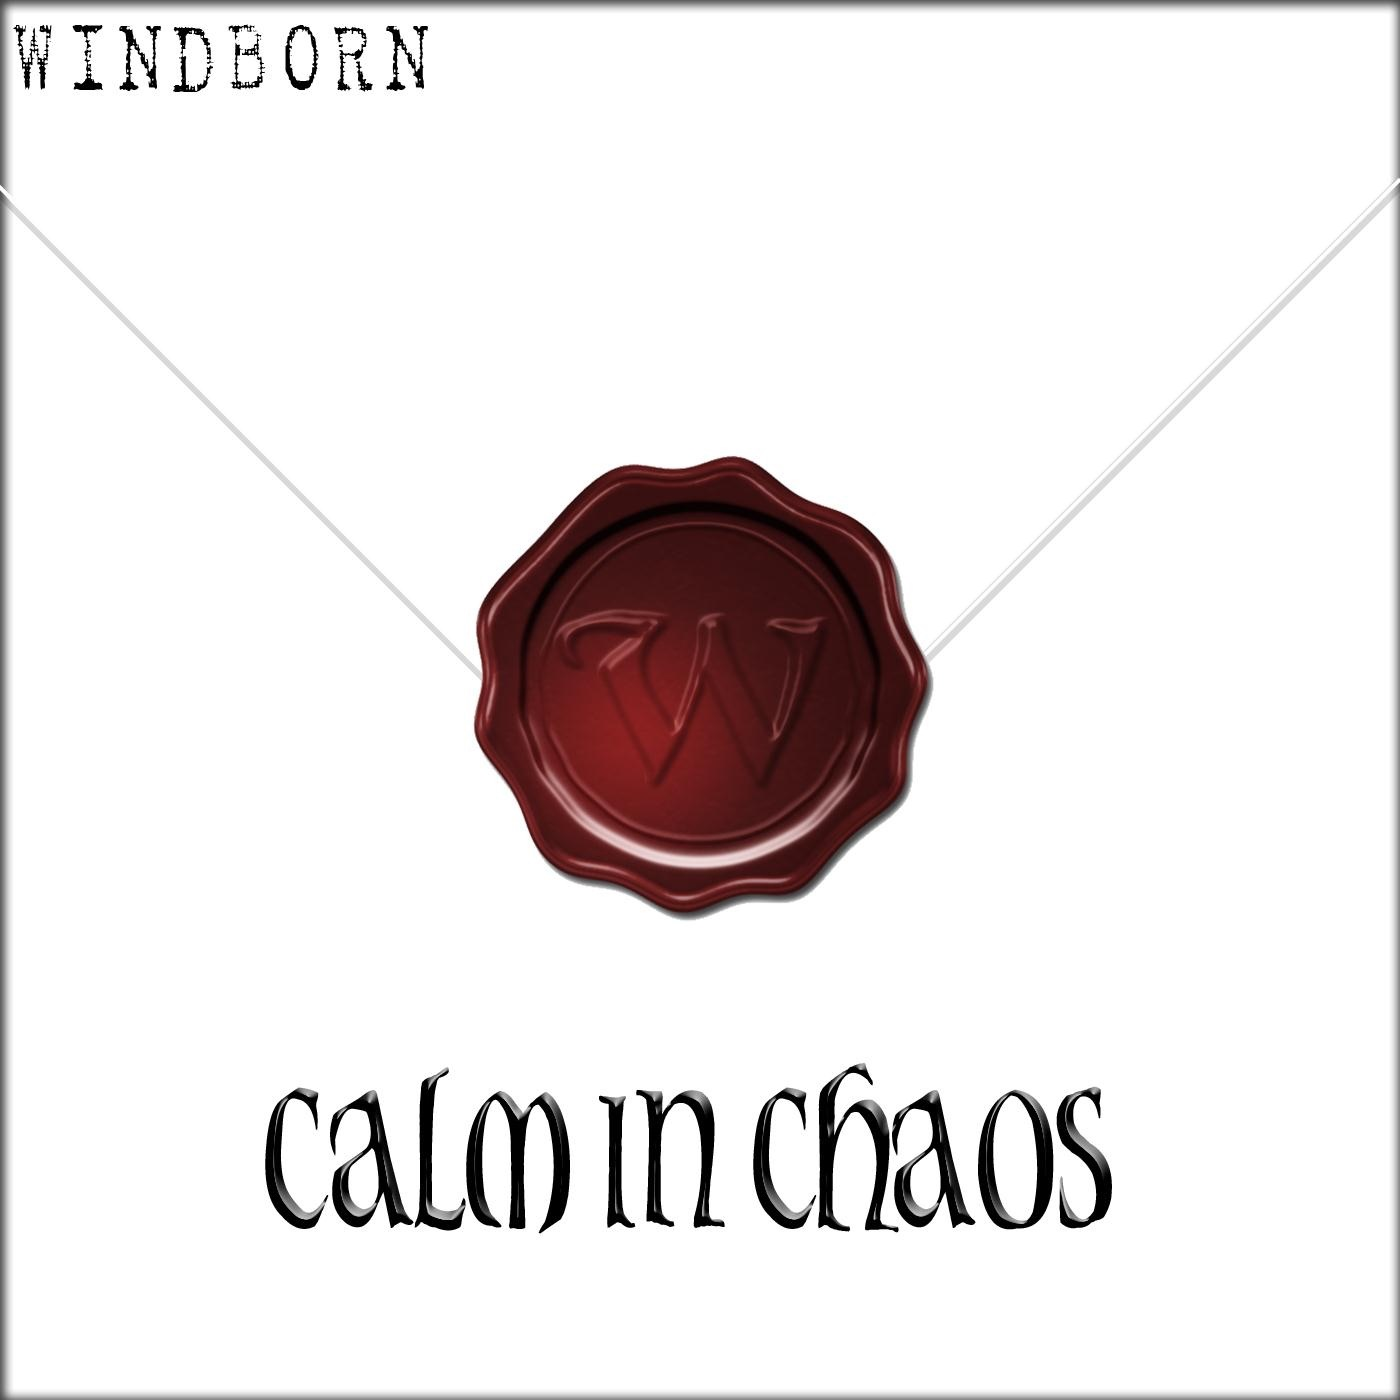 Of Calm